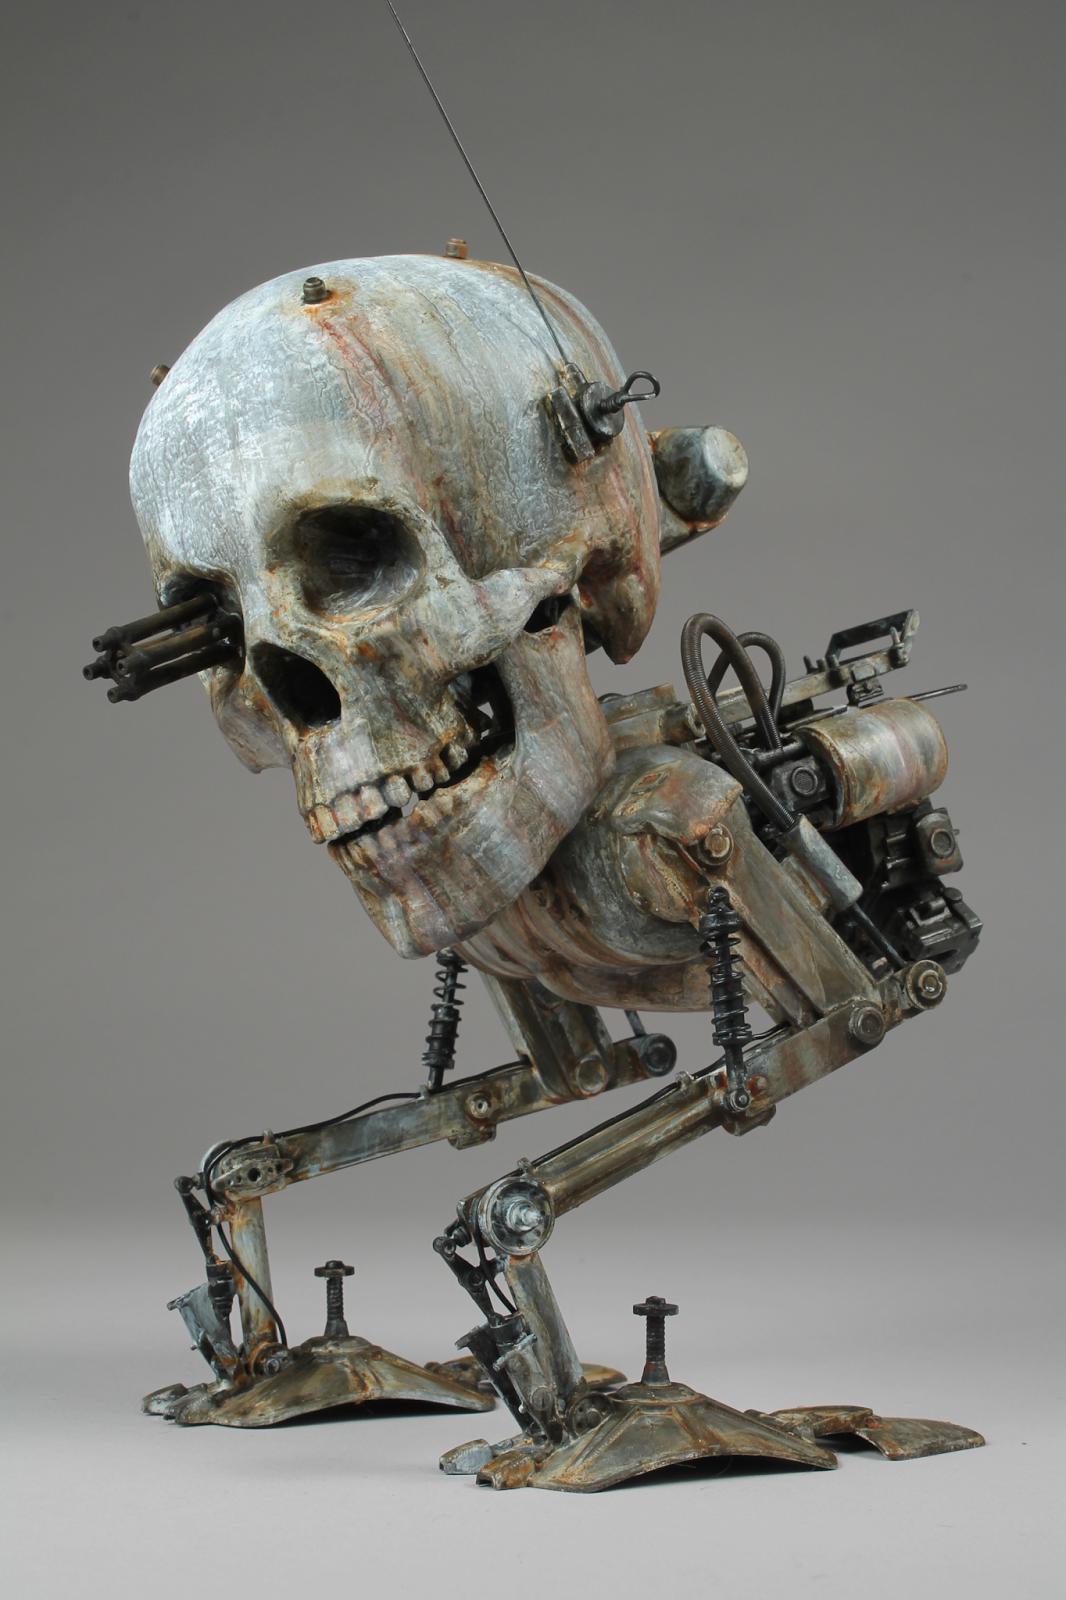 #death #head #krote #top #art #Kow #Yokoyama #maschinen #krieger #mak #sf3d #scale #model #scfi #1/20 #diorama